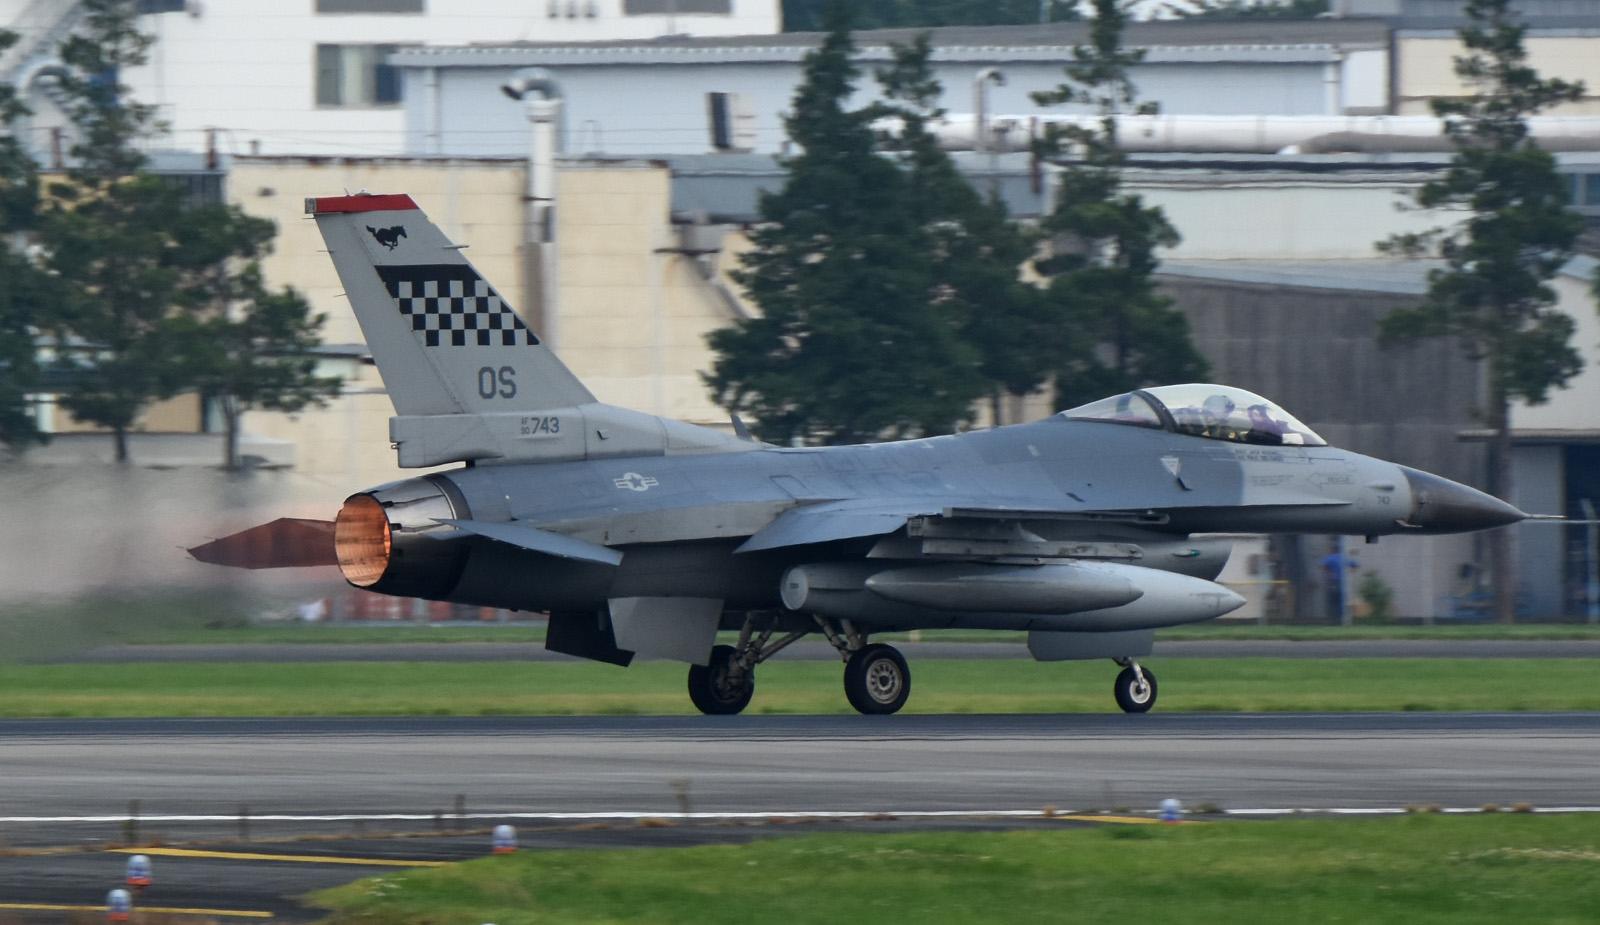 F16cm160707g308